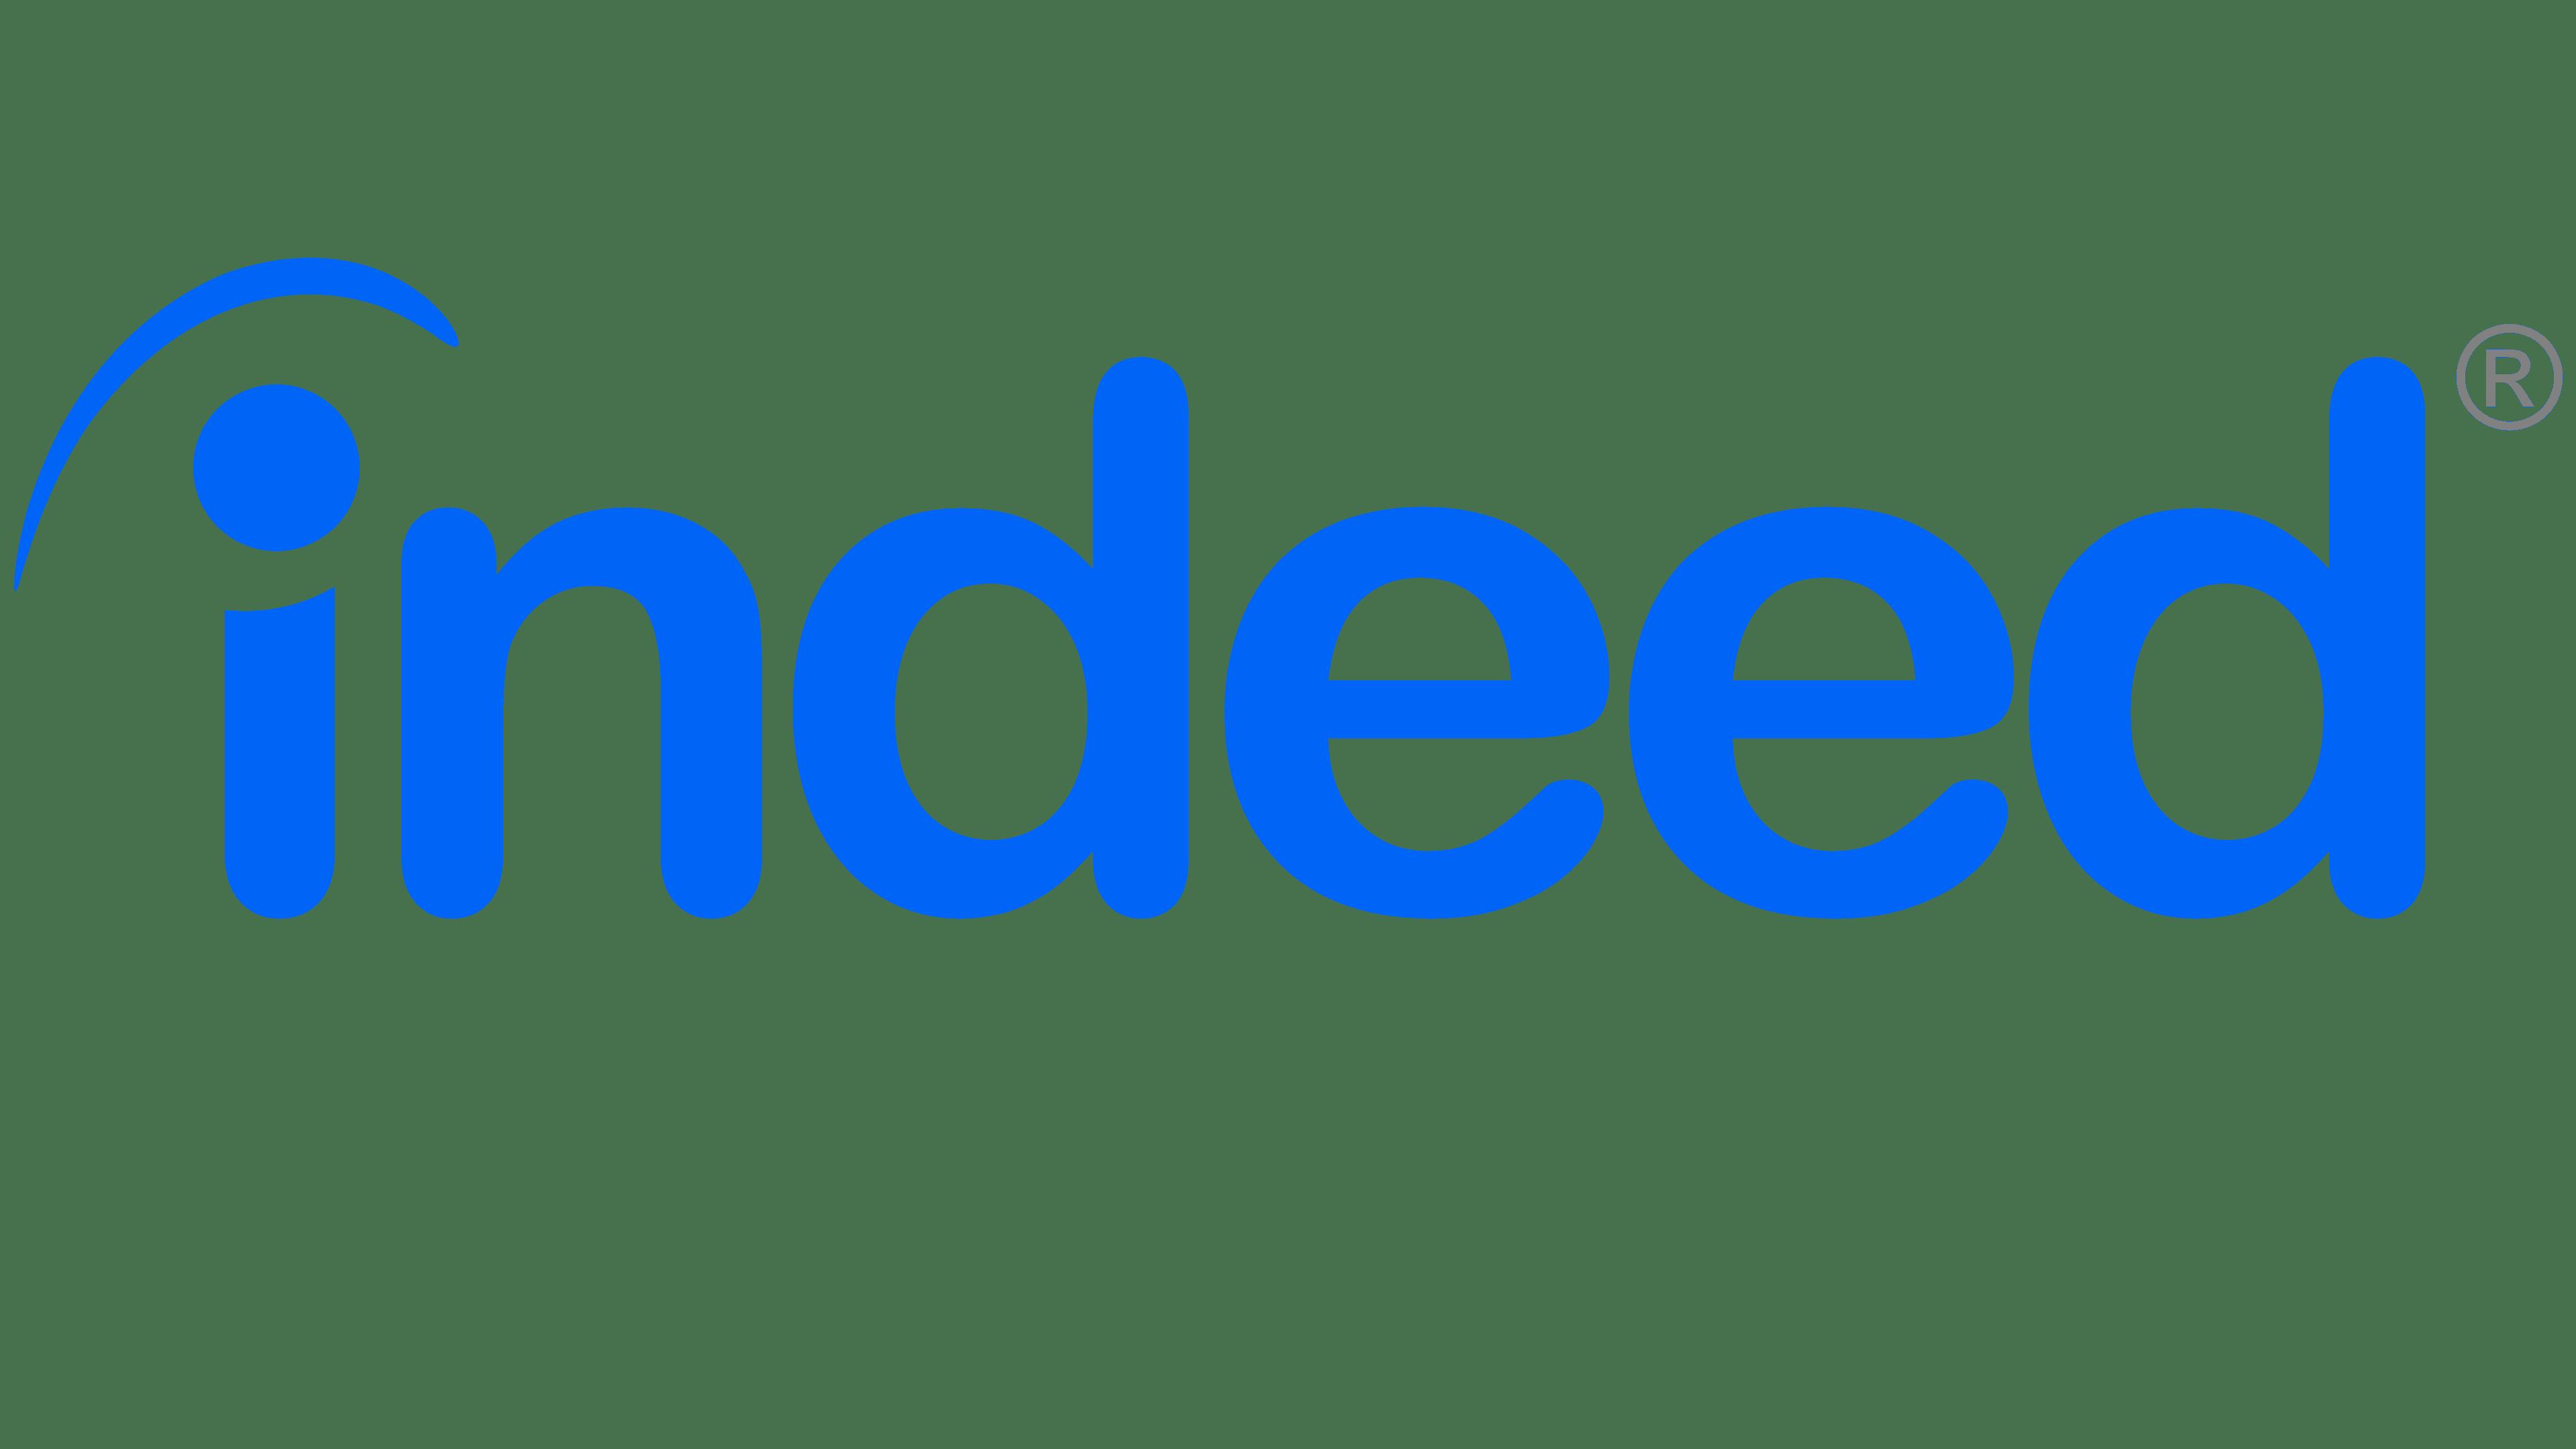 Logo Indee, trabajos remotosd